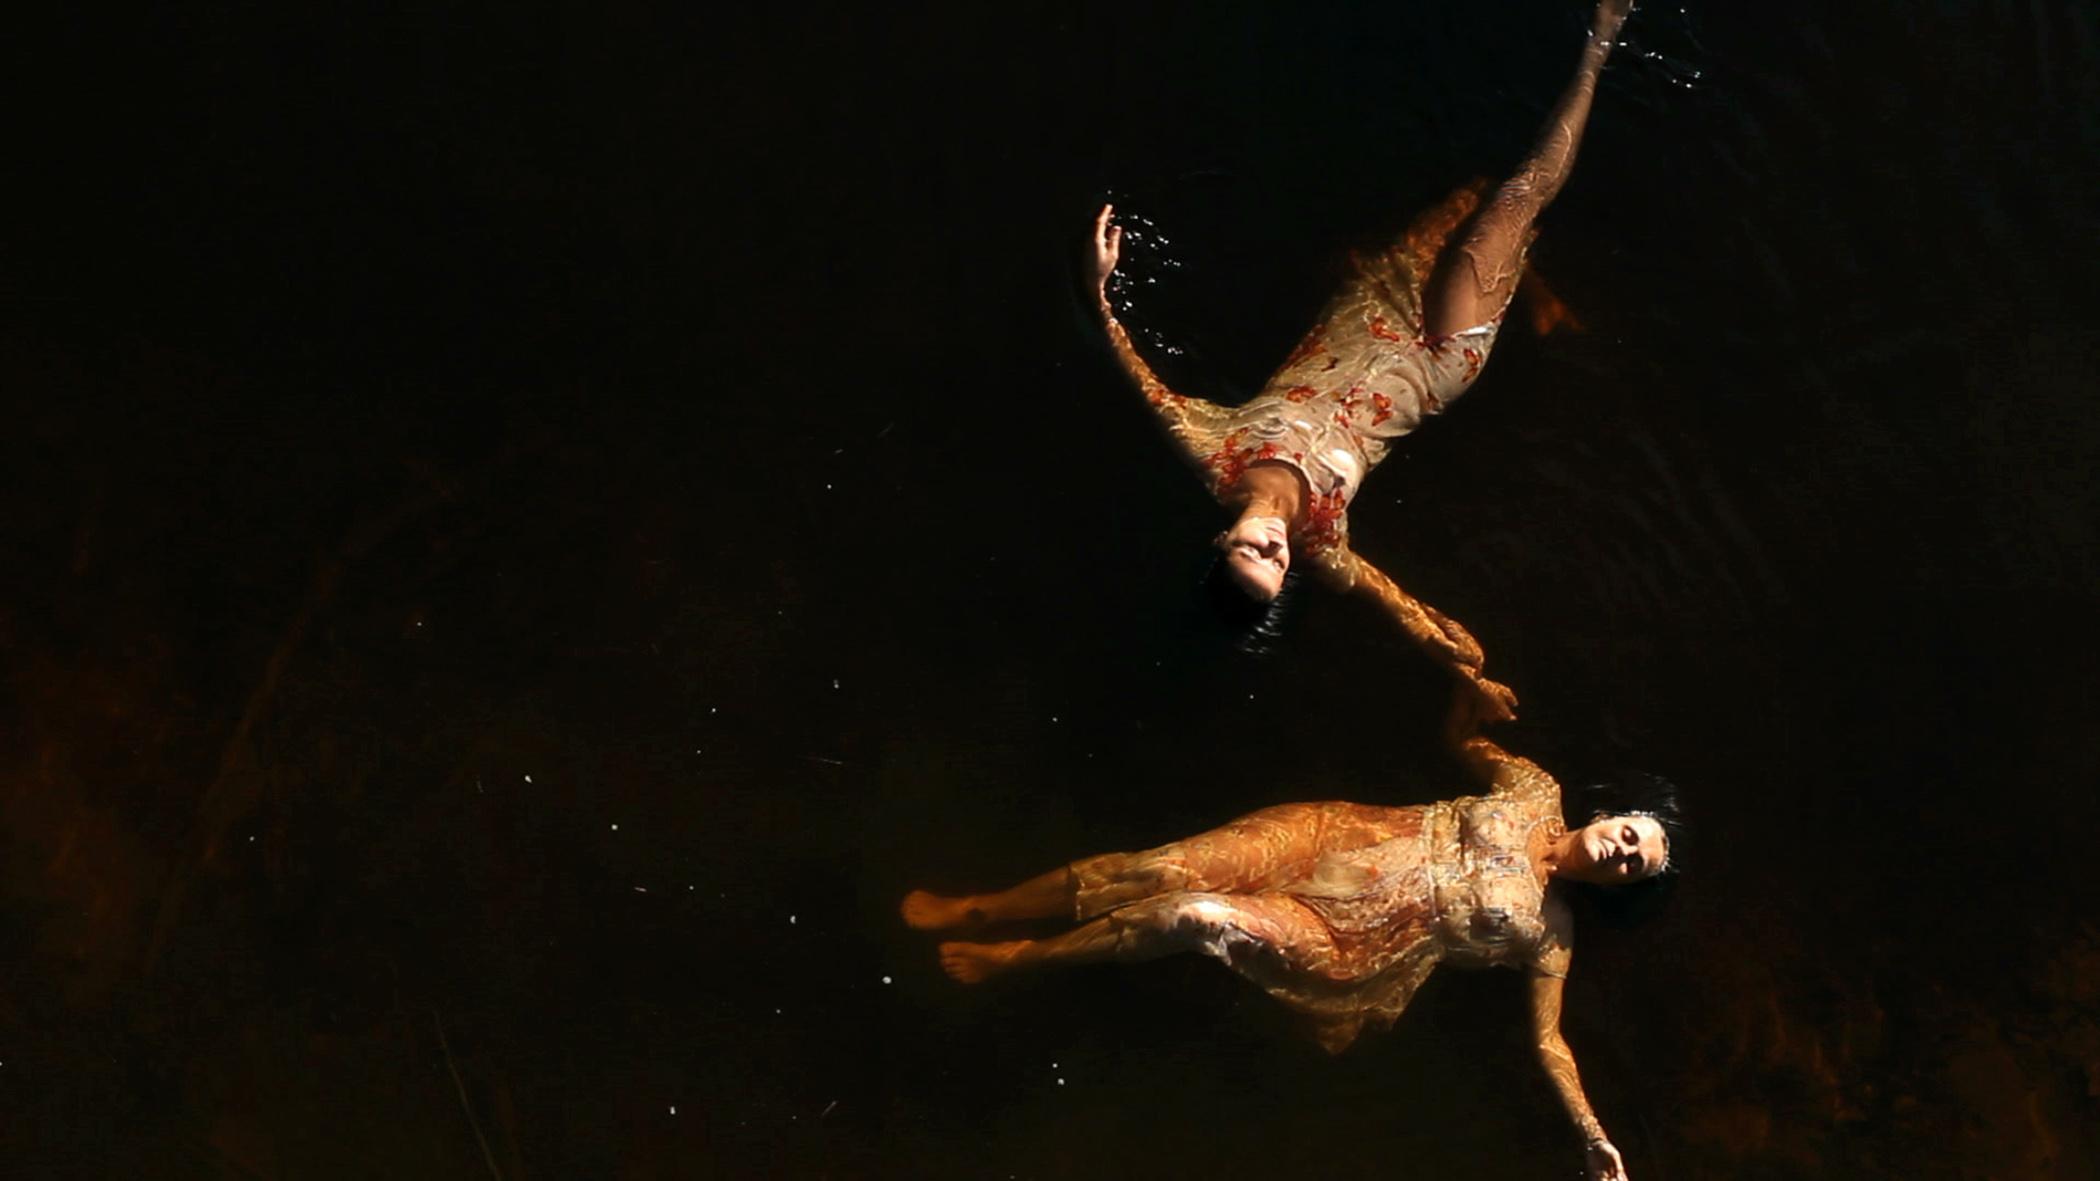 Cena do filme Elena. A imagem mostra duas mulheres flutuando num rio de águas escuras. As duas mulheres estão do lado esquerdo da imagem, e a primeira está na parte de baixo, na horizontal, com a cabeça para o lado direito e os pés em direção ao centro da imagem, virados para o lado esquerdo; e a segunda na parte de cima, de cabeça para baixo, na diagonal. As duas usam vestidos longos em tons de bege. O fundo é preto.